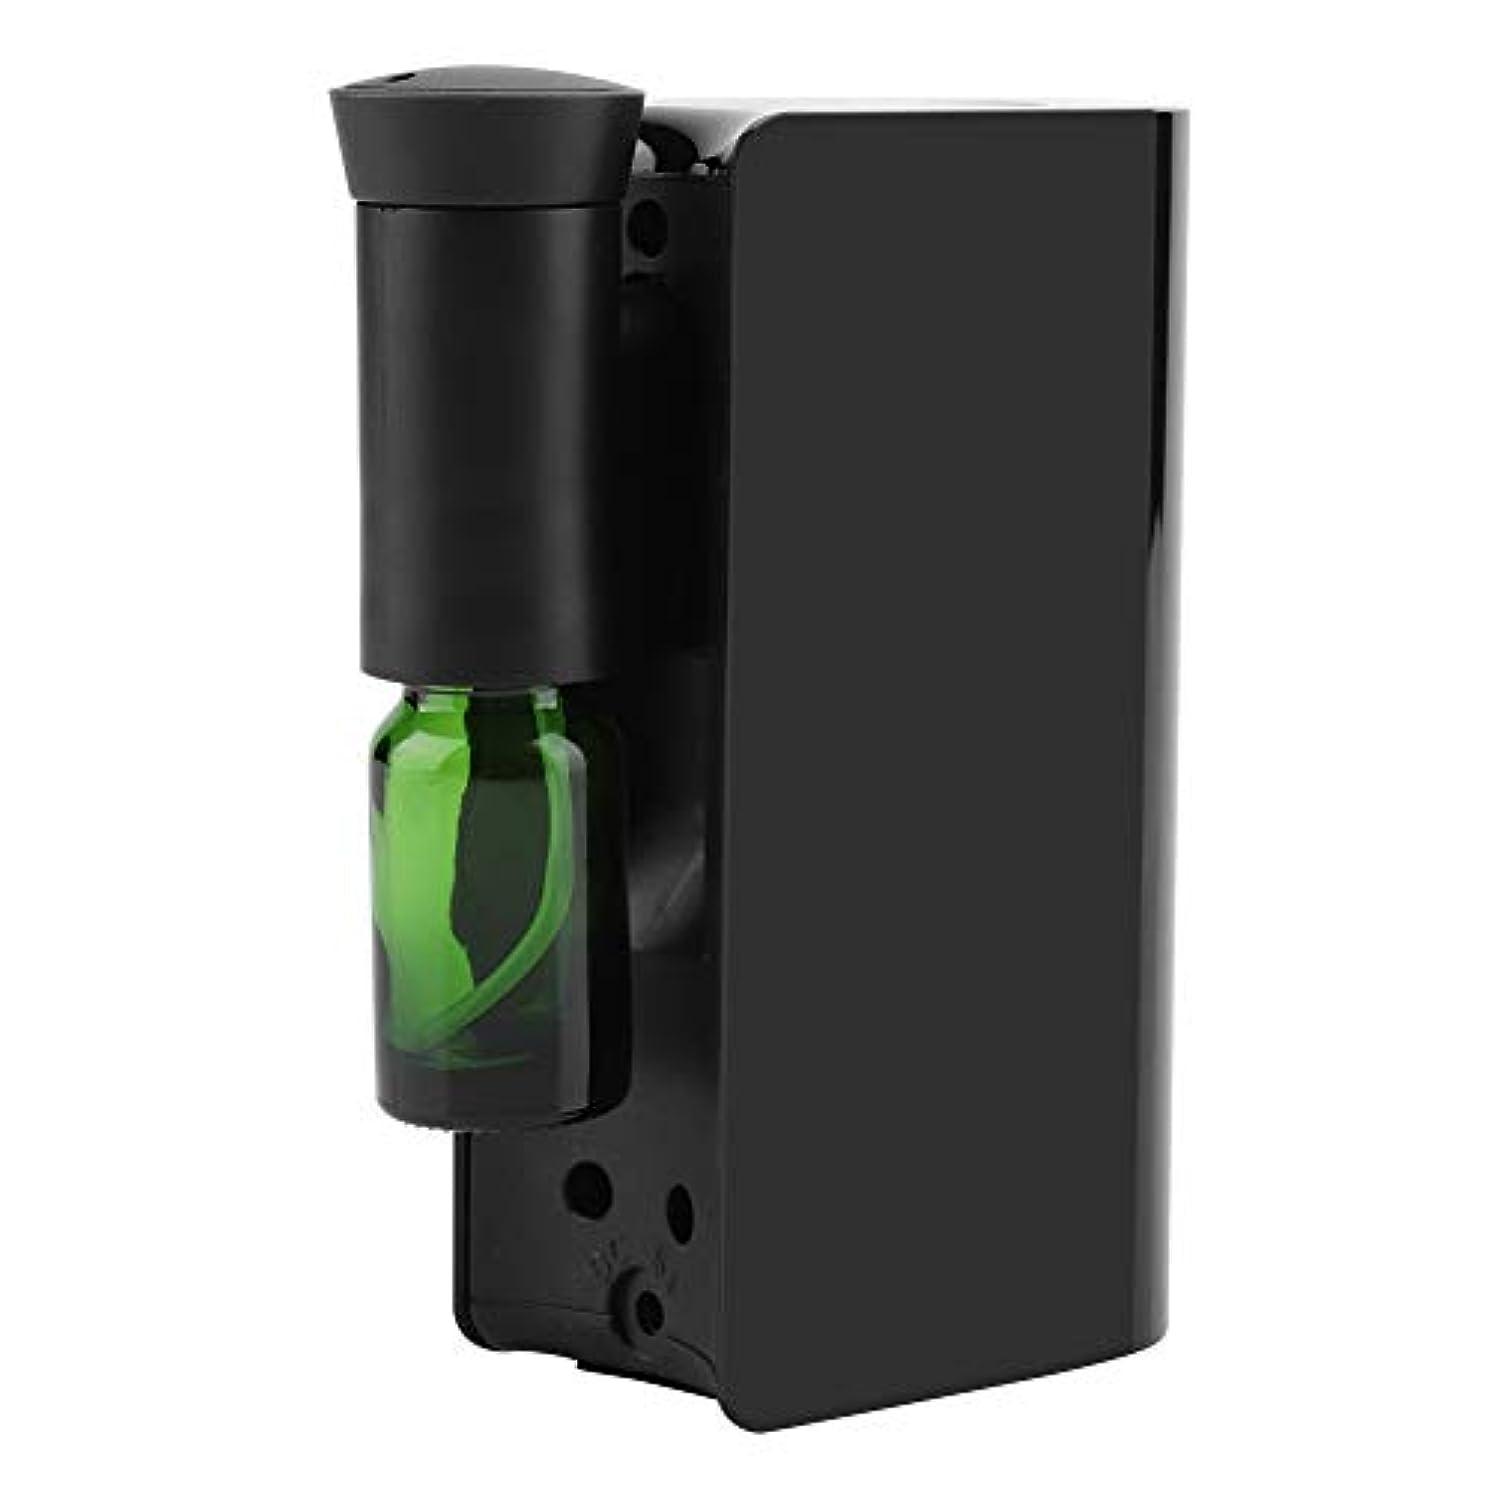 オート保存する高めるエッセンシャルオイルディフューザー、100ml USB充電式クールミスト加湿器アロマオイル加湿器気化器アロマディフューザー(ブラック)